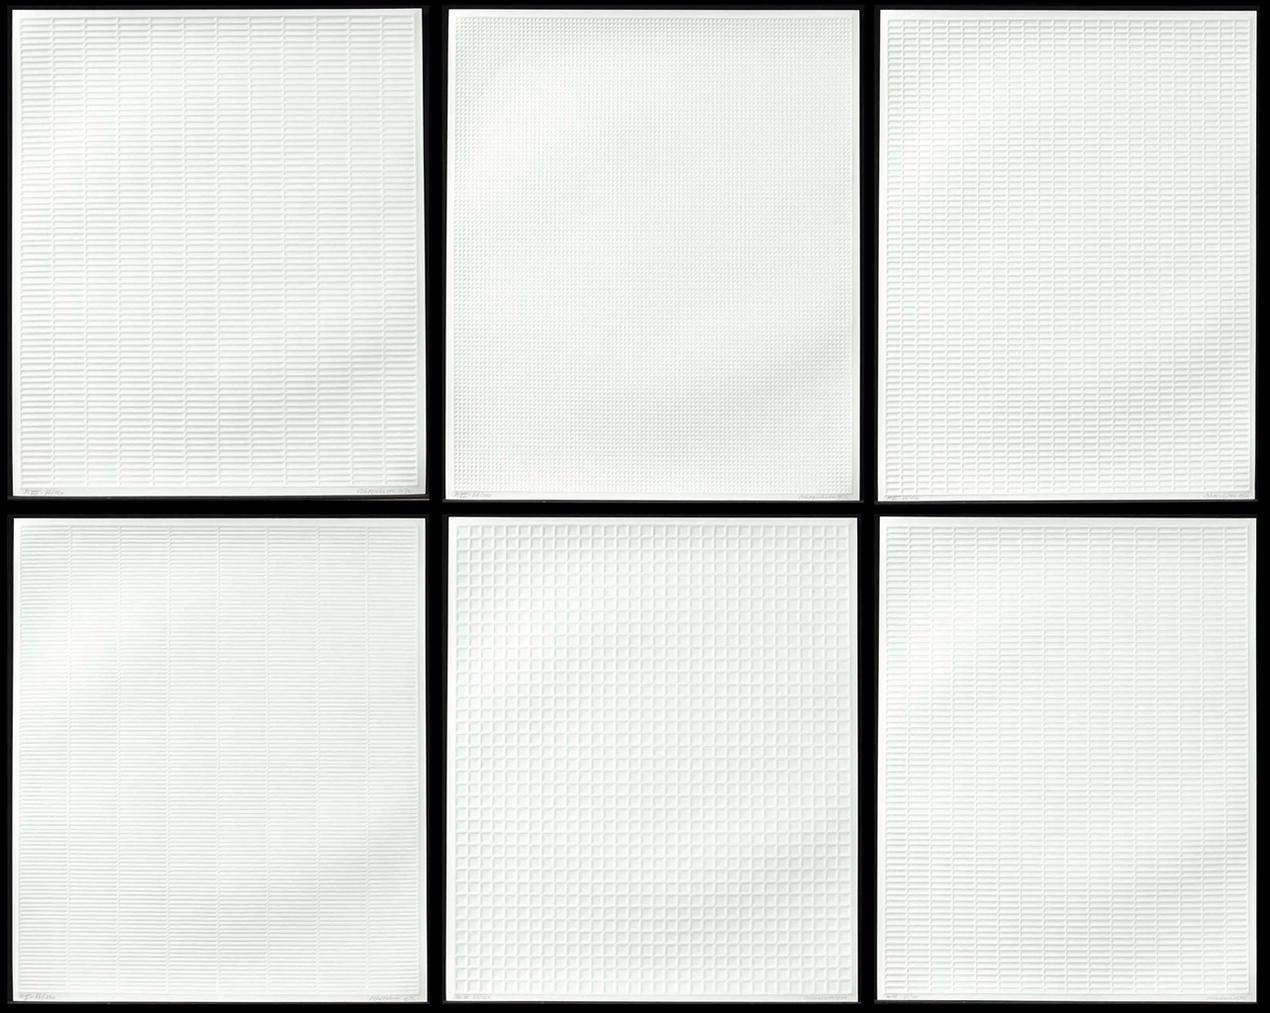 Jan Schoonhoven-Gepragte Strukturen-1972